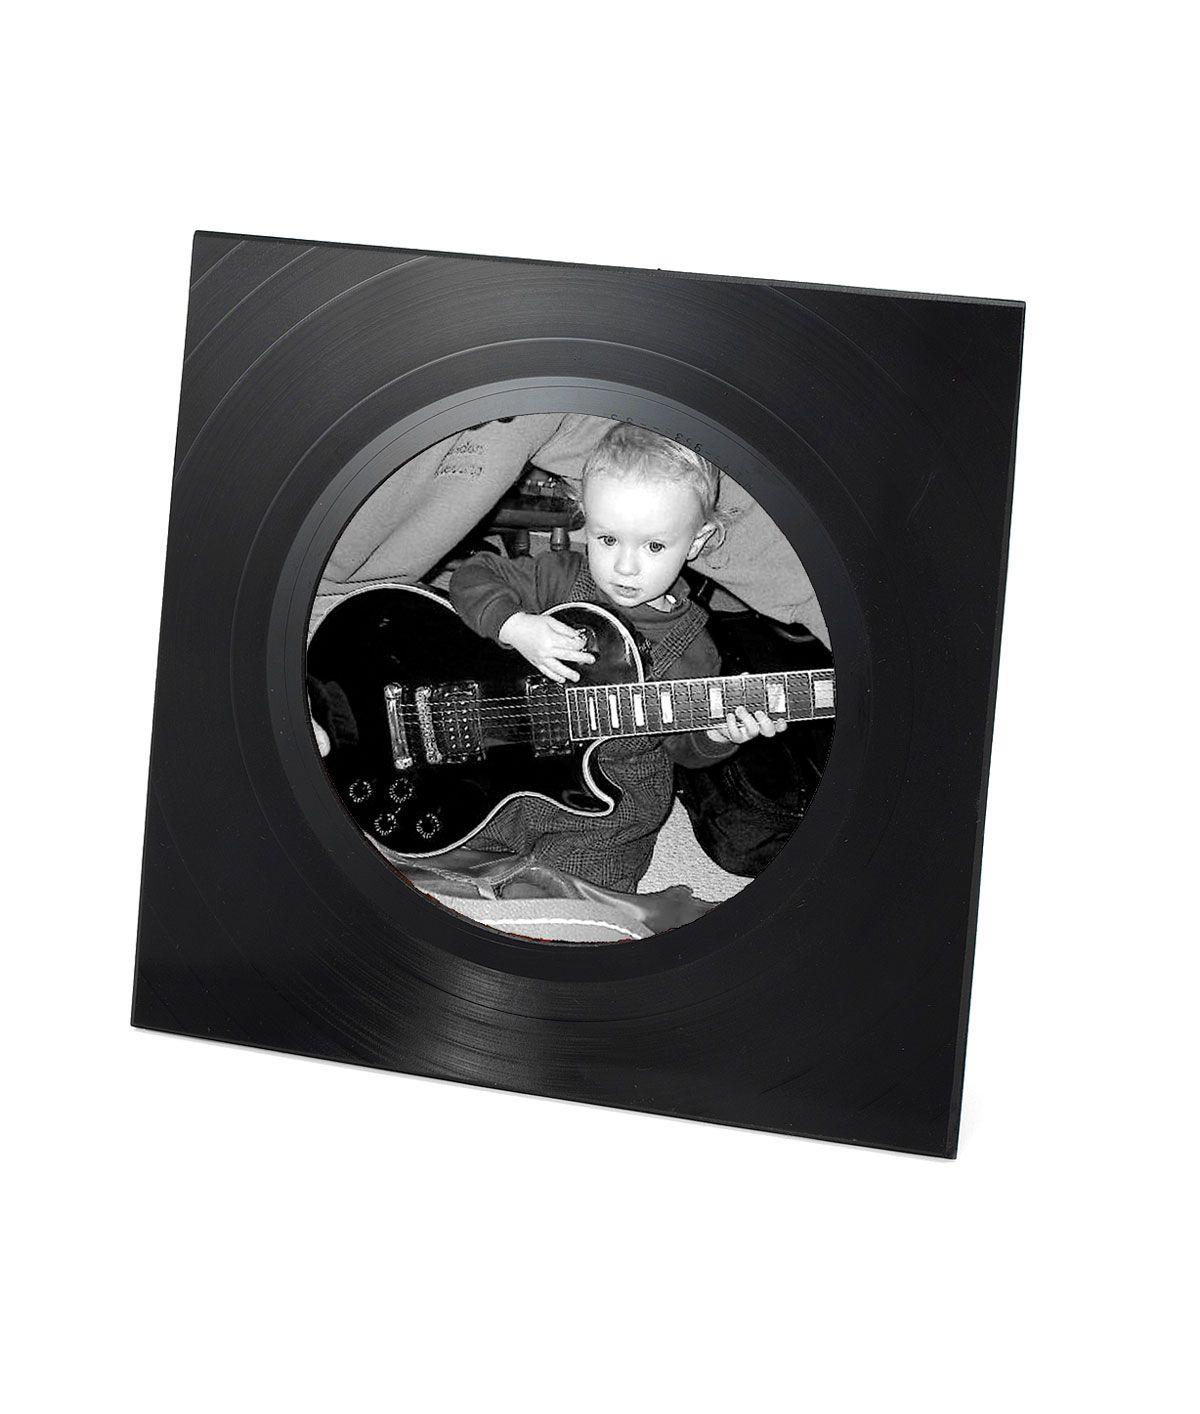 Marco de fotos para los más rockeros | Reciclando Discos, CDs y ...